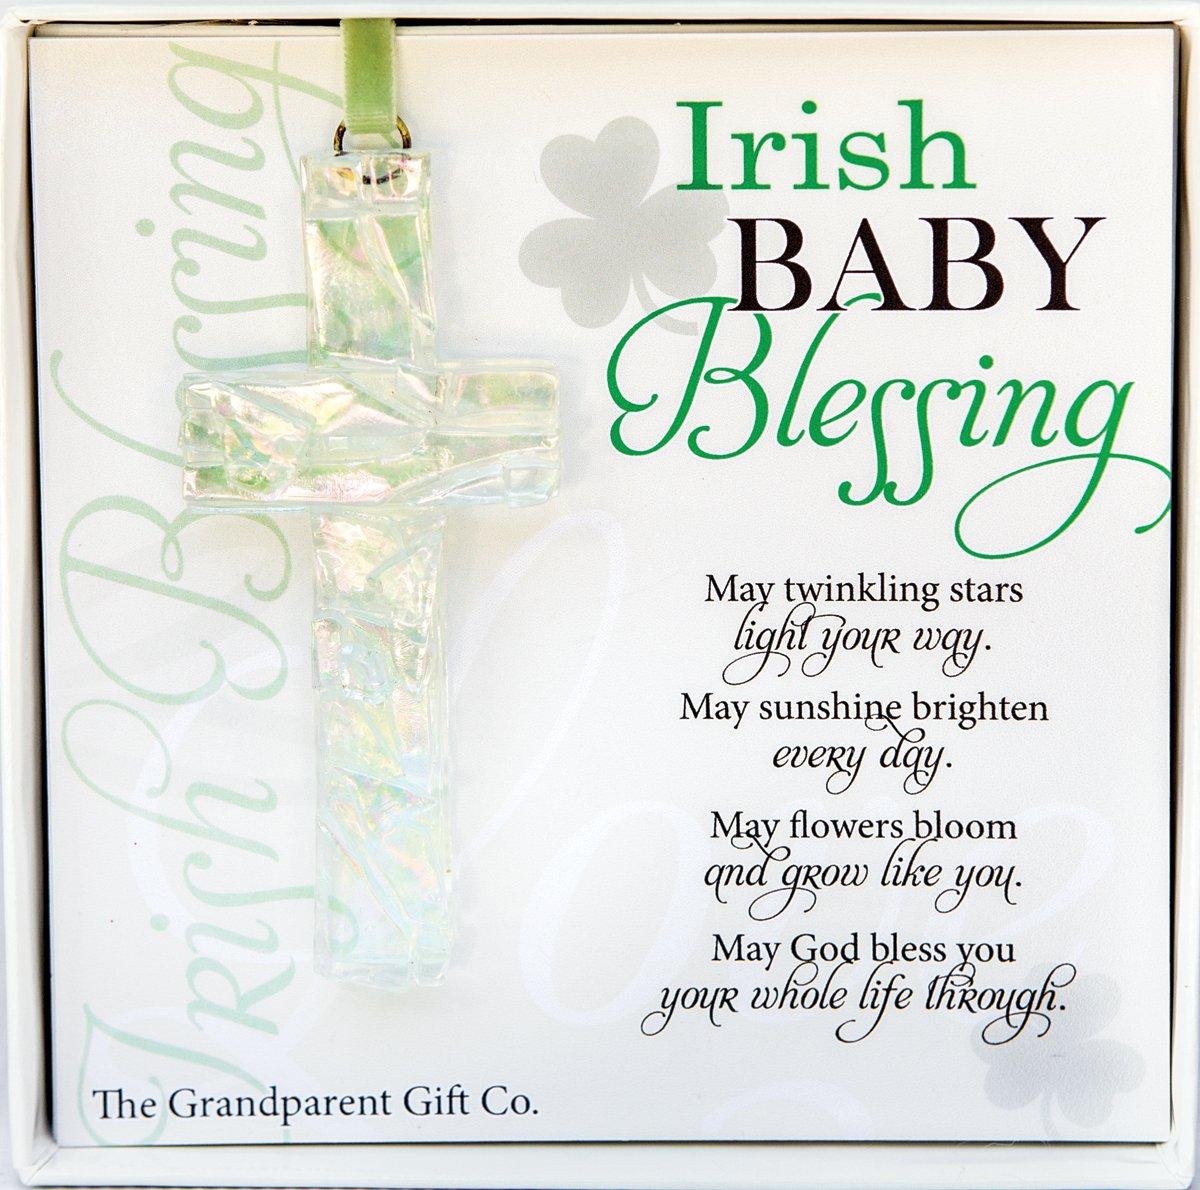 Amazon.com : The Grandparent Gift Irish Baby Blessing Mosaic ...